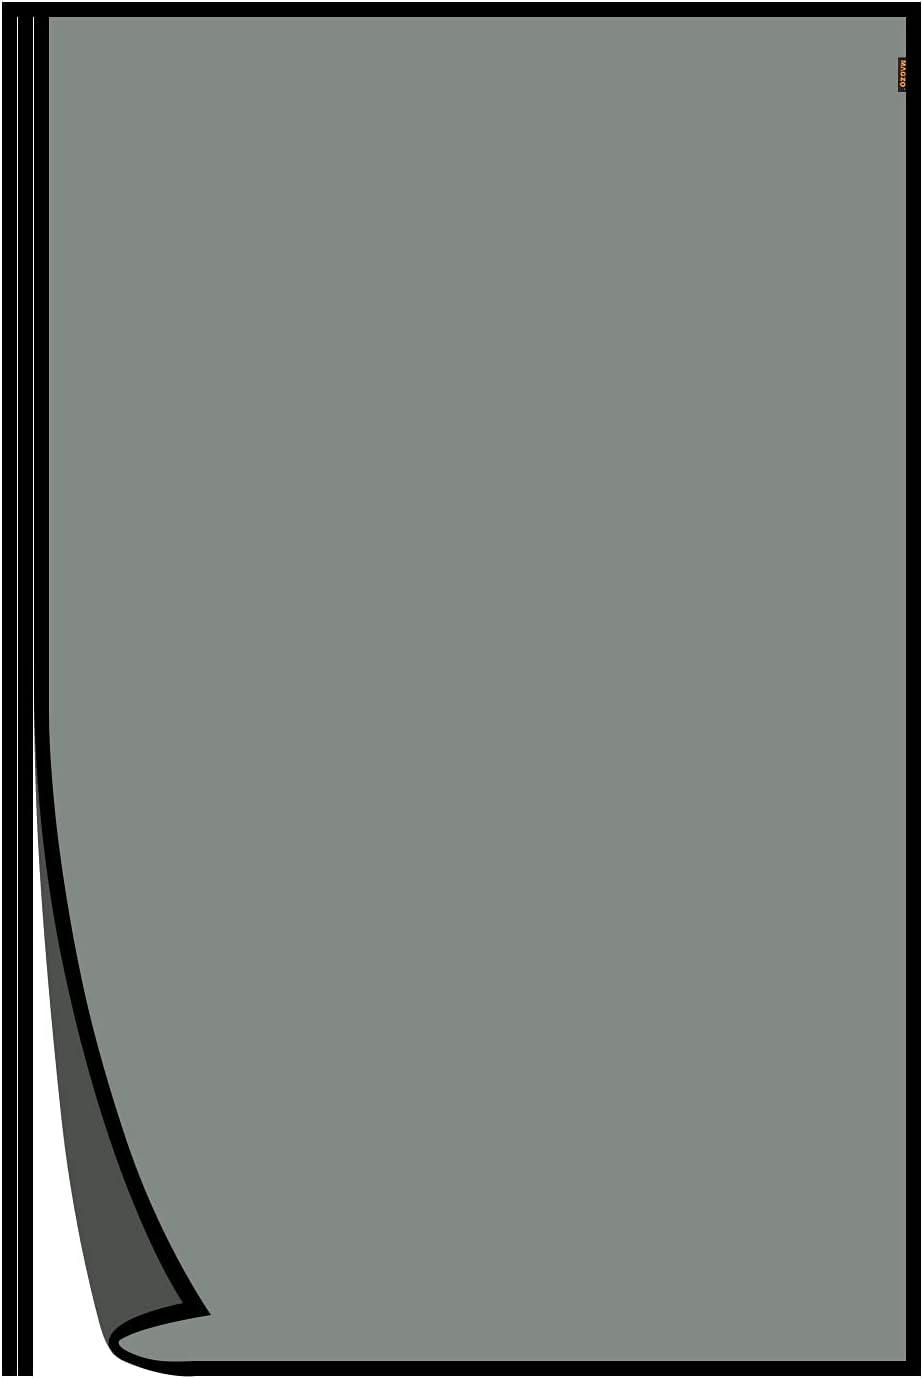 MAGZO Magnetic Door Screen Fits Door Size 38 x 82 Inches(Black),Upgraded Fiberglass Side Opening Mesh Curtain Door Screen, Broader View, Fits Deck Porch Balcony Doors